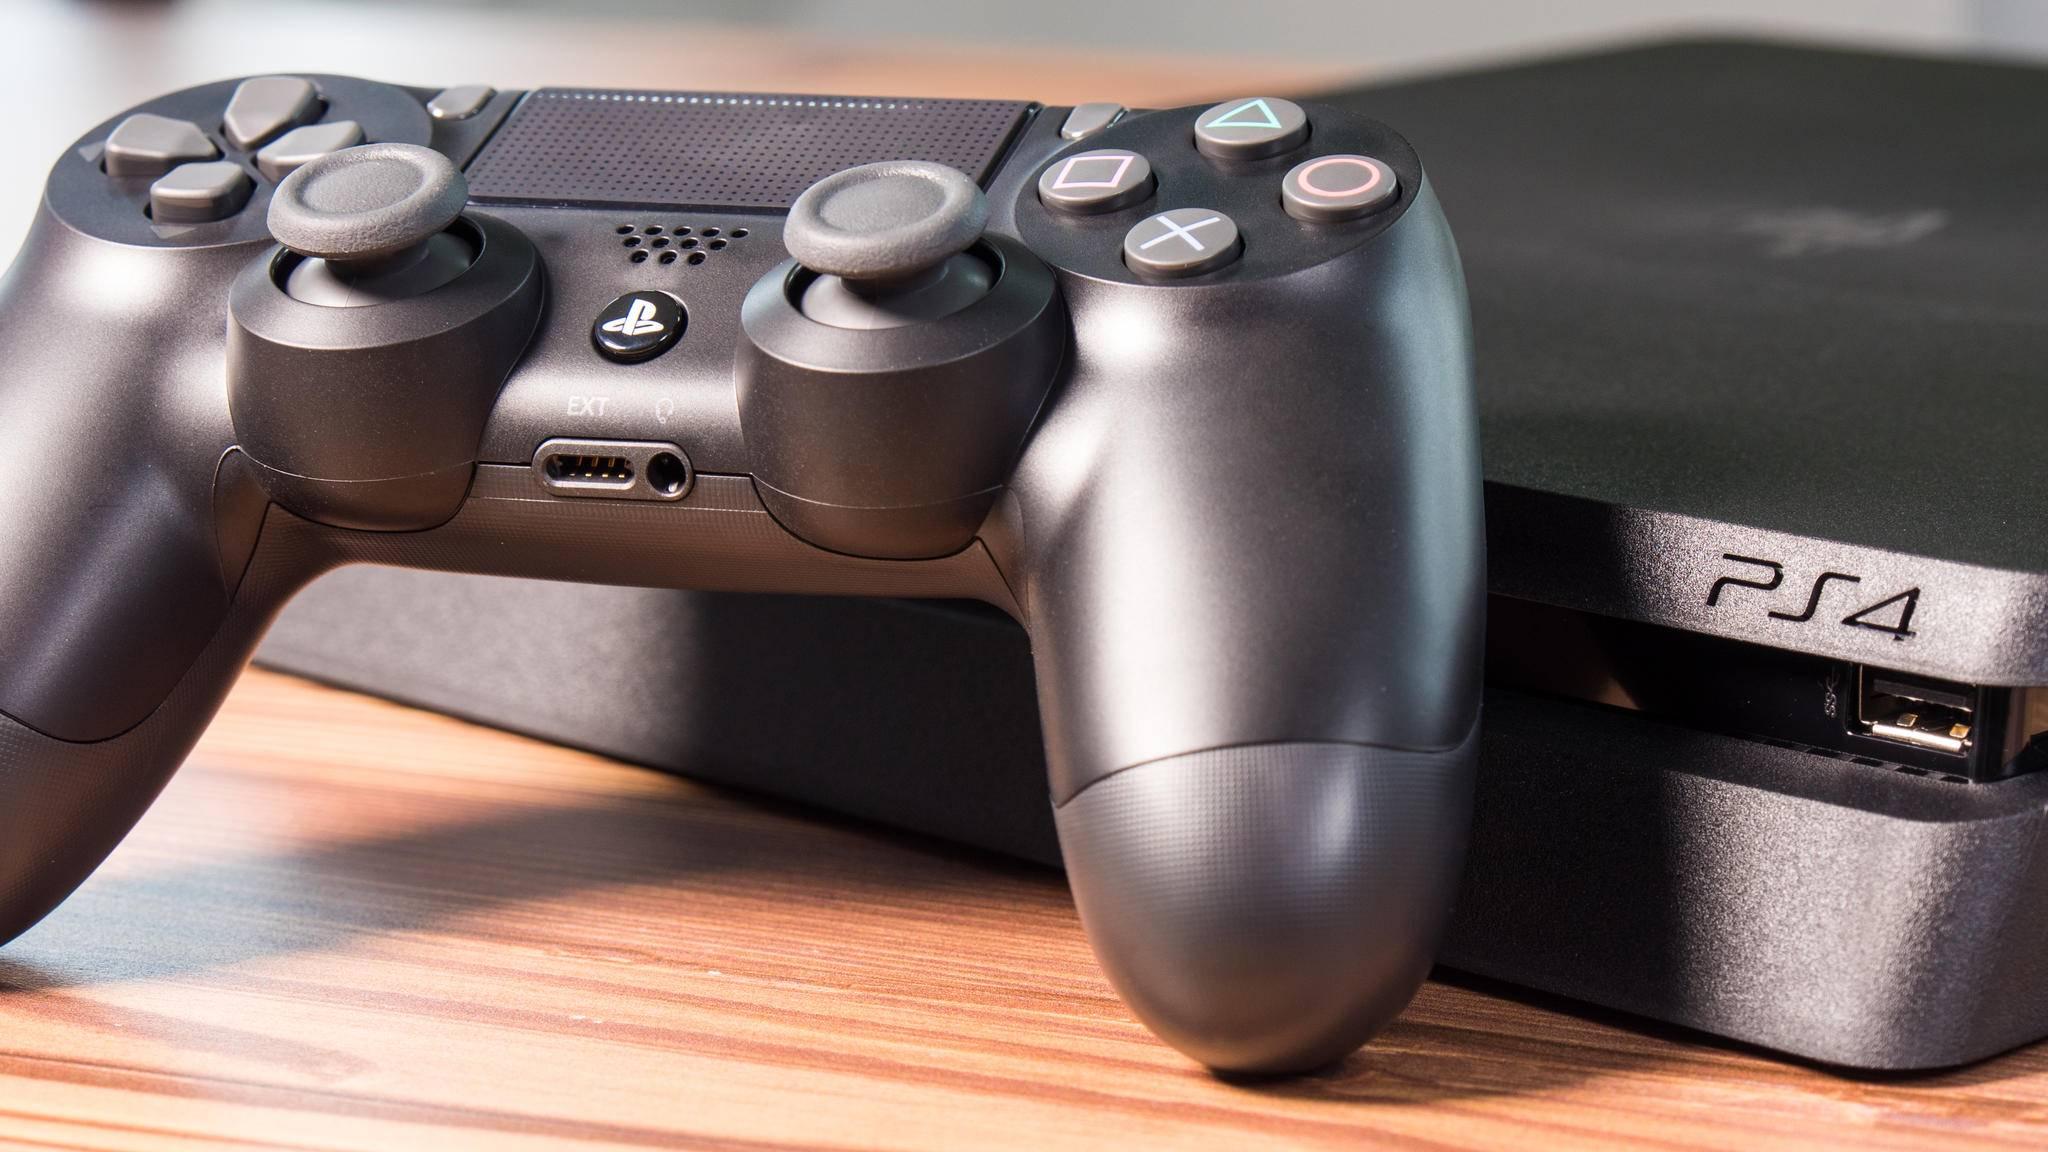 Die exklusiven Games für die PS4 sind bisher unschlagbar.